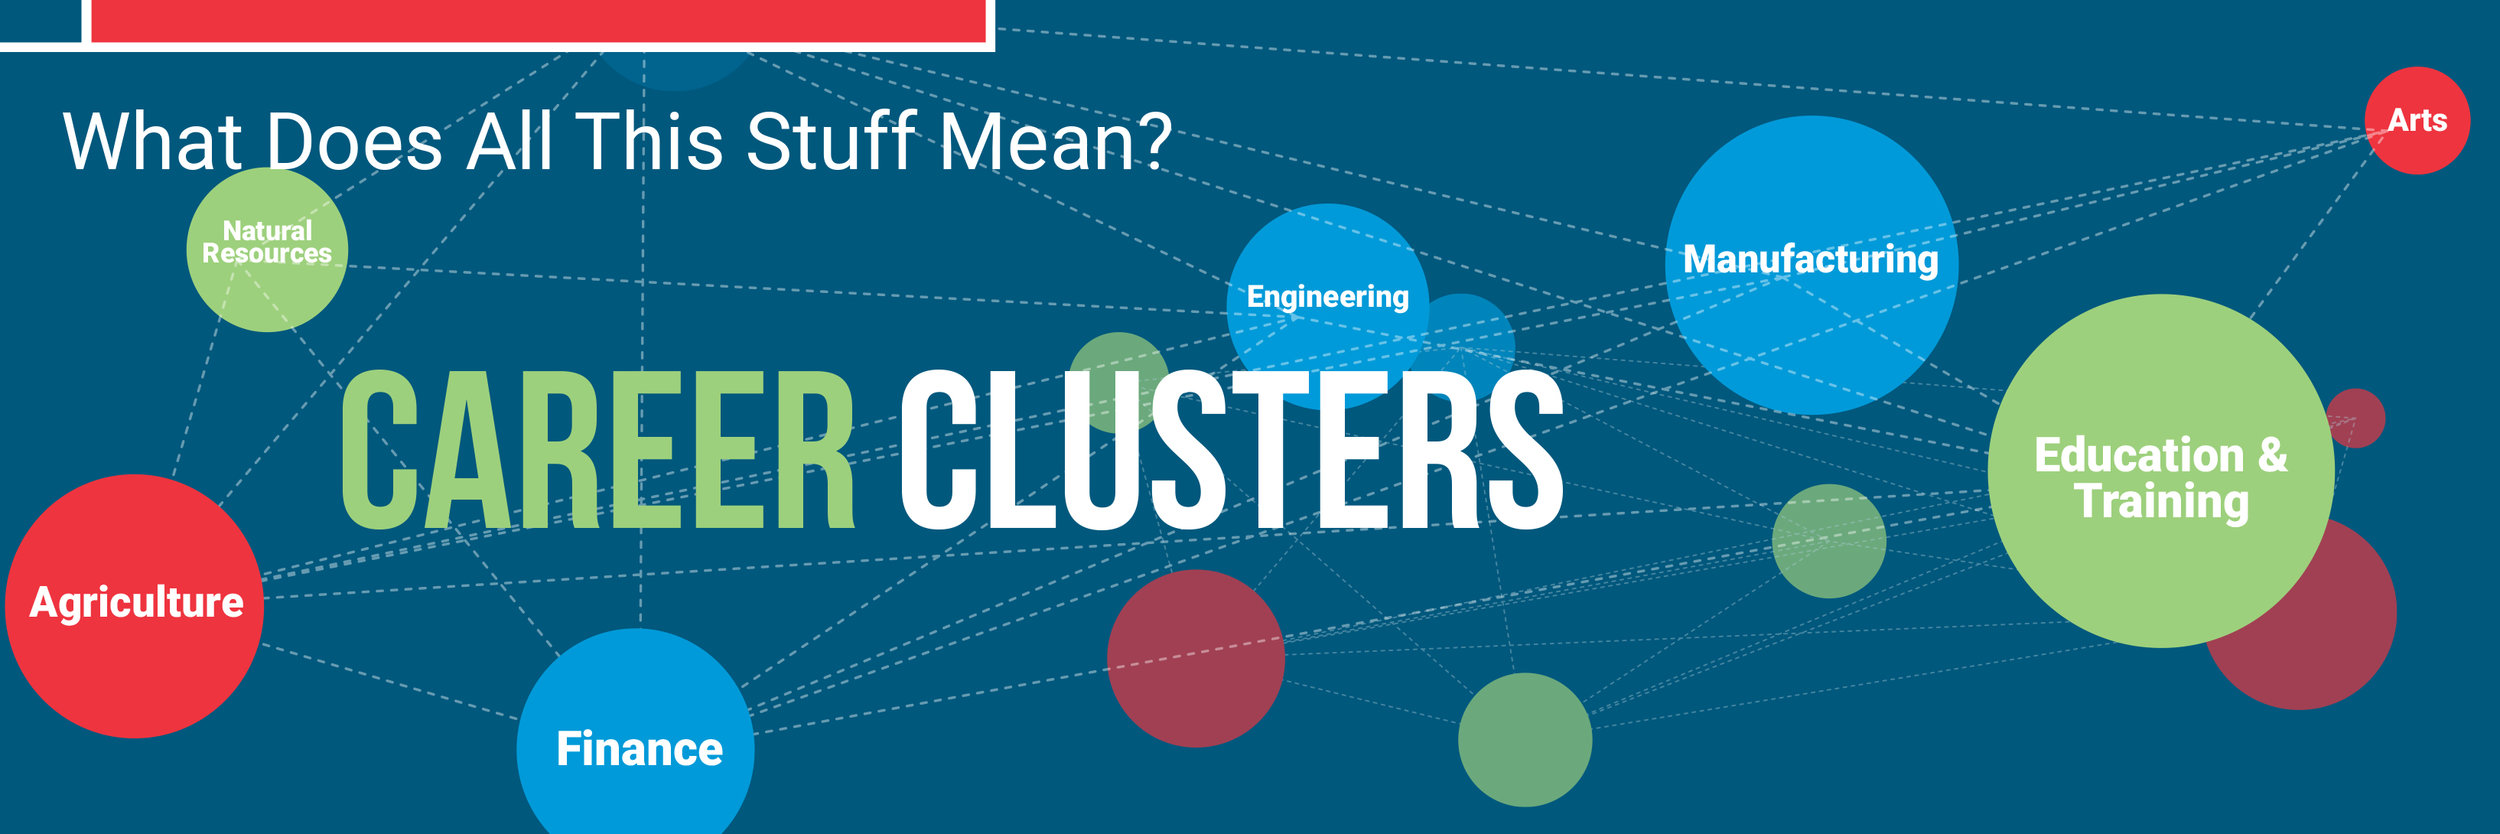 career_clusters.jpg